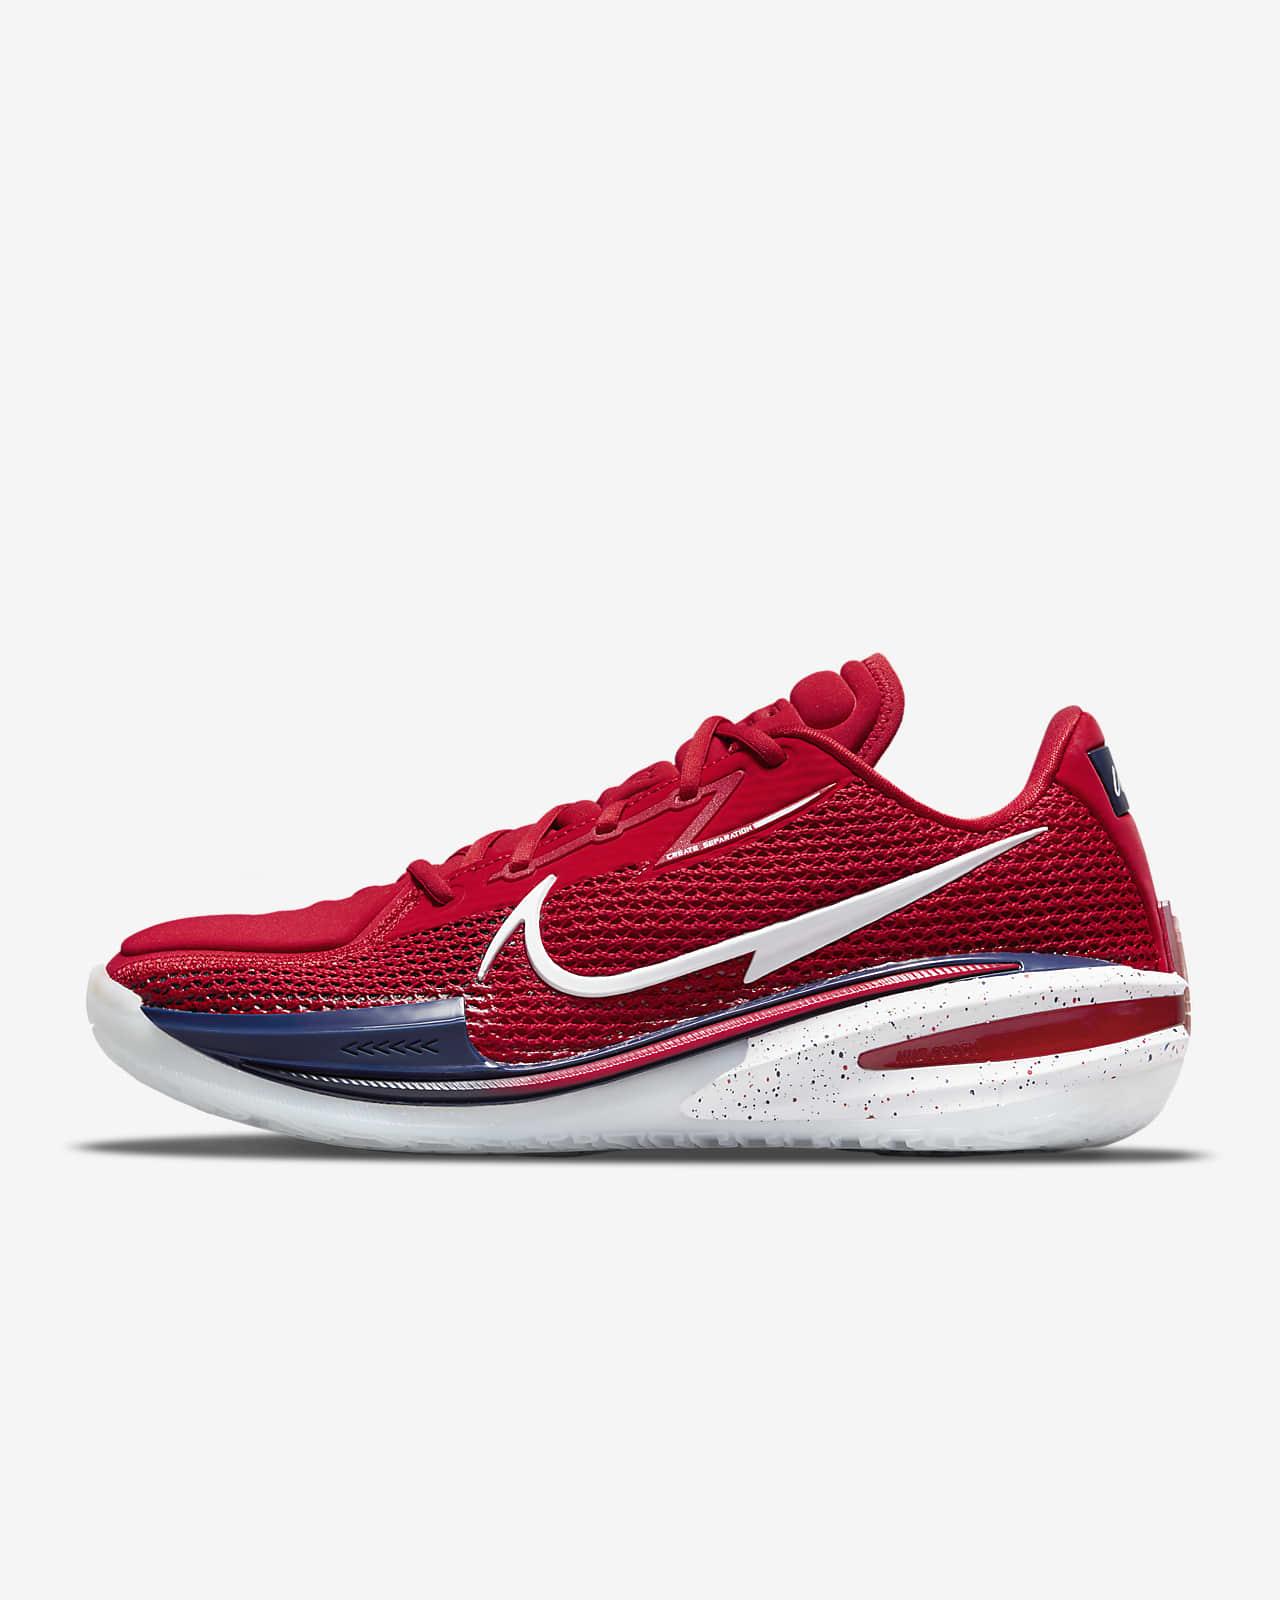 Calzado de básquetbol Nike Air Zoom G.T.Cut Calzado de básquetbol